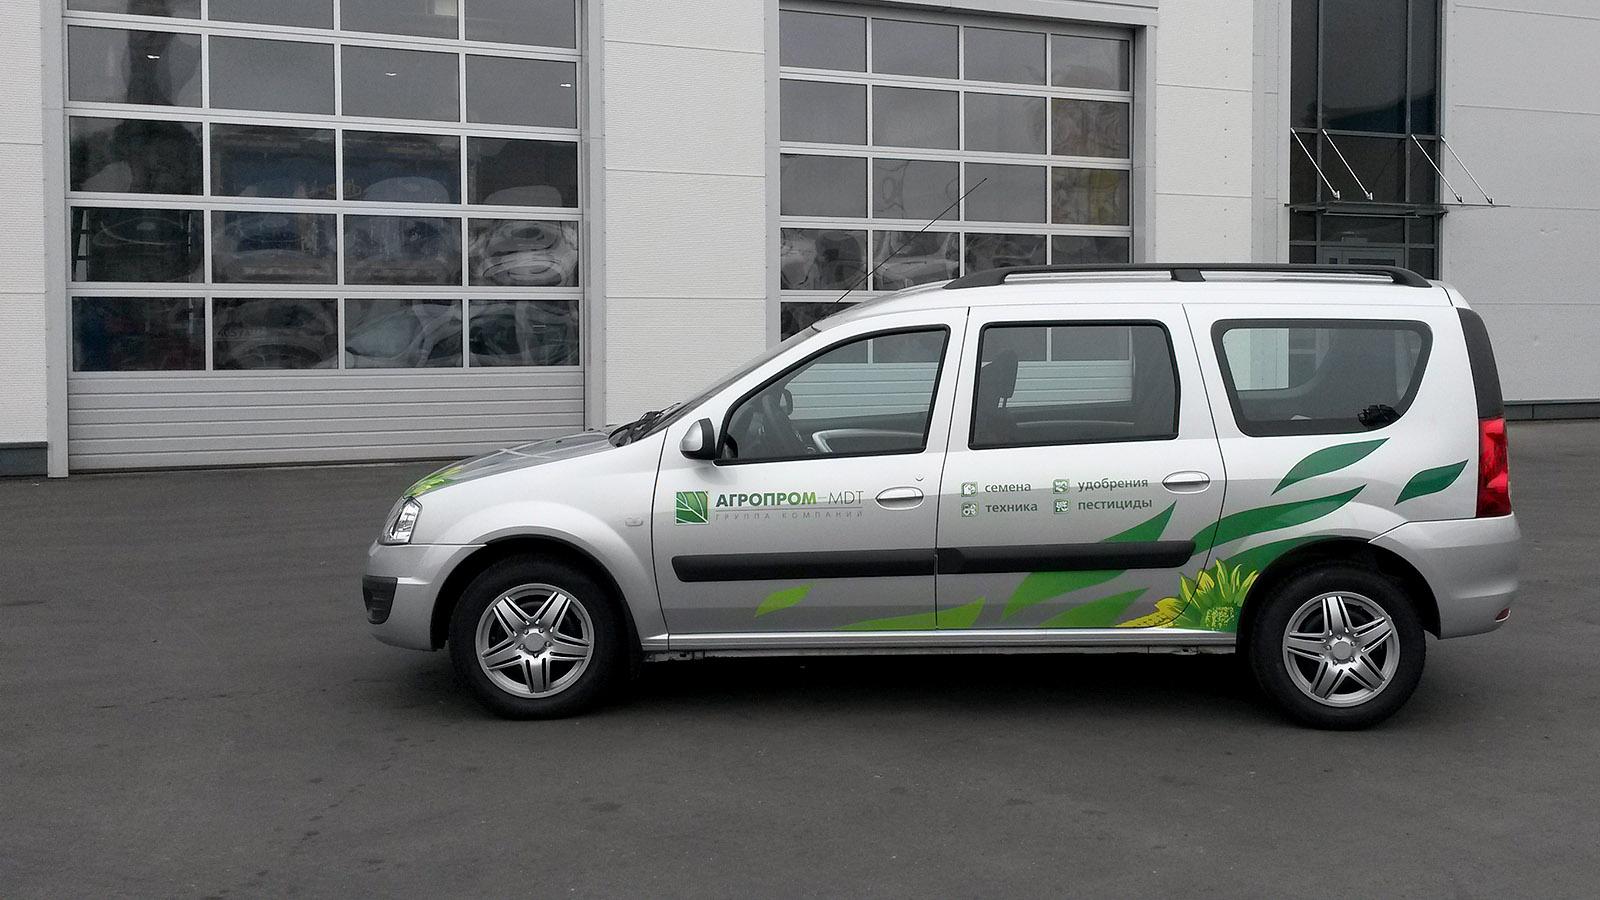 Оклейка авто «Агропром-МДТ»